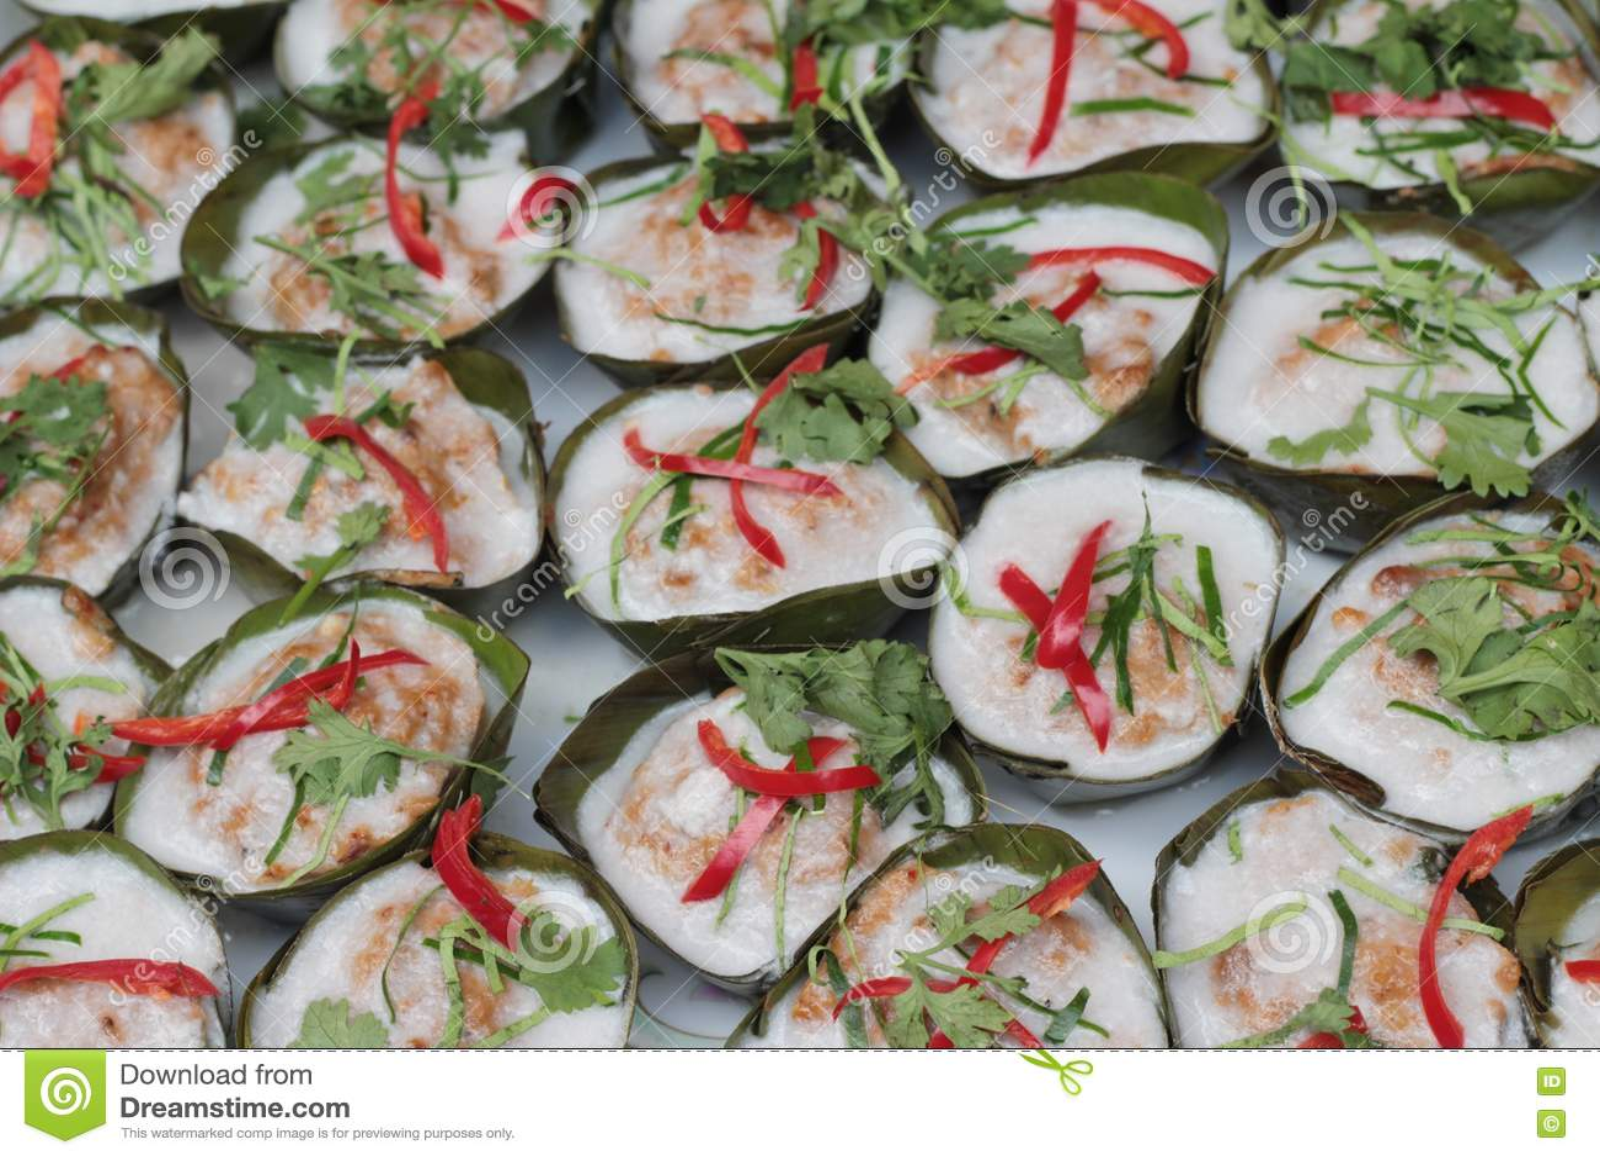 与咖喱酱的被蒸的鱼是可口的